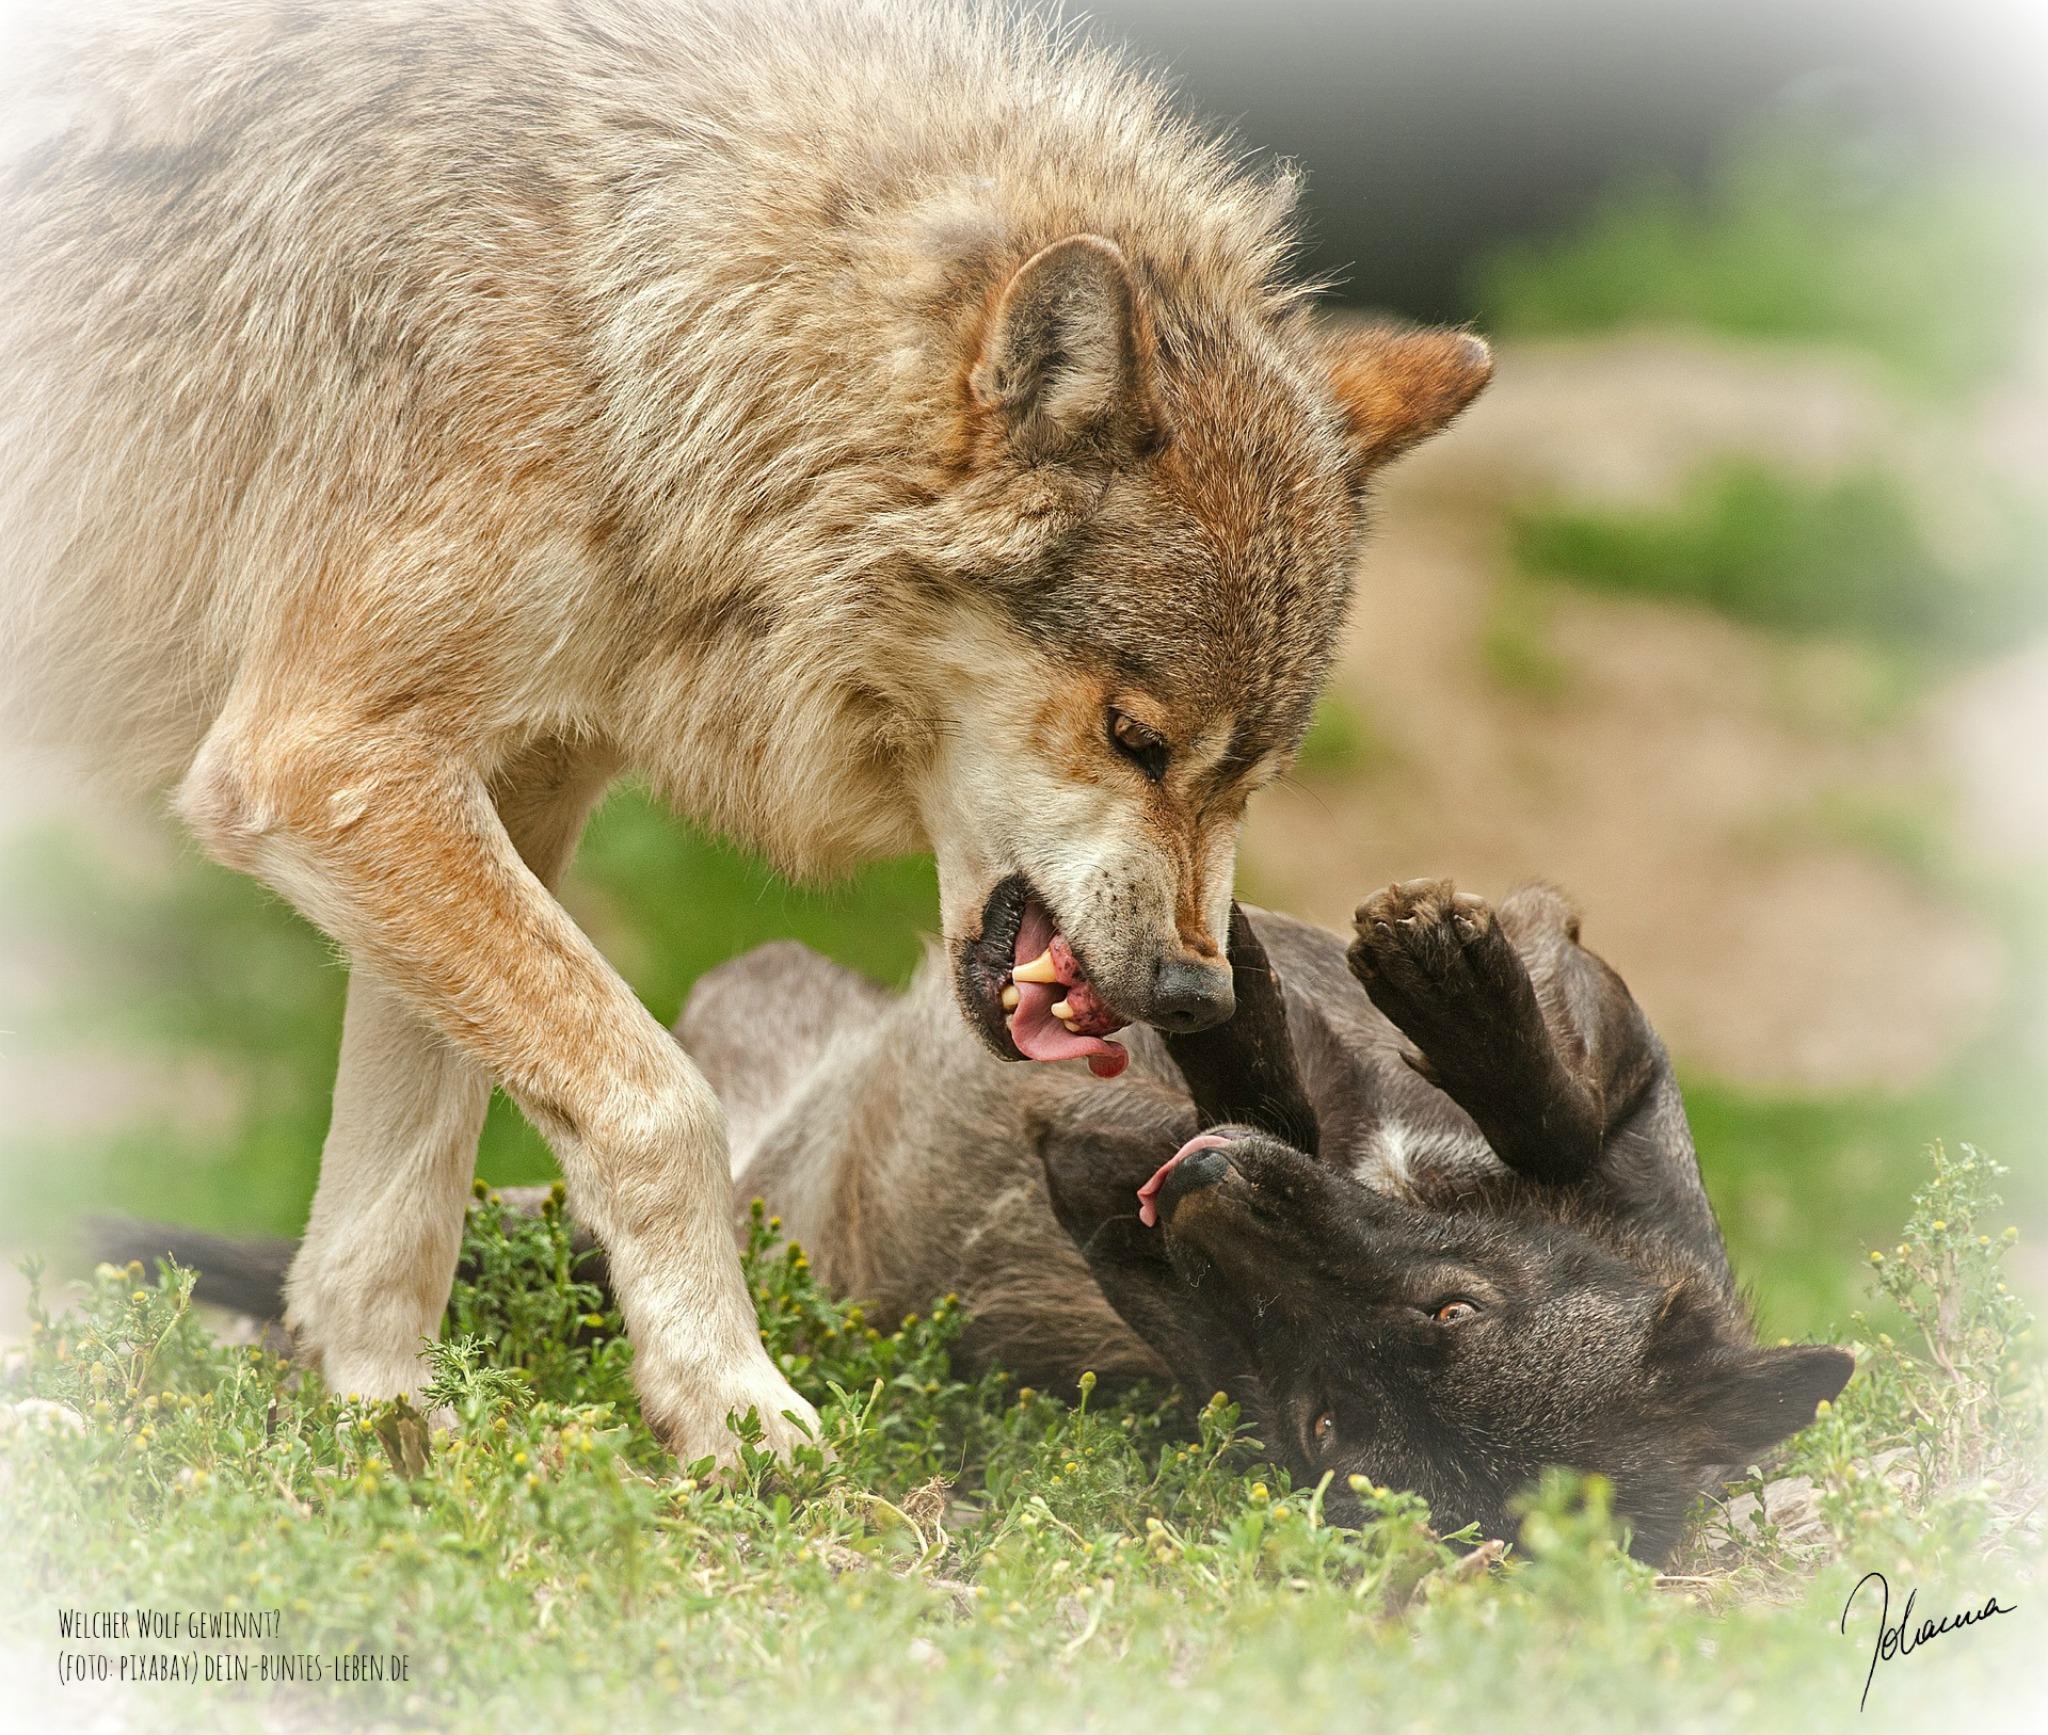 Welcher Wolf gewinnt? Der, den du fütterst! http://dein-buntes-leben.de